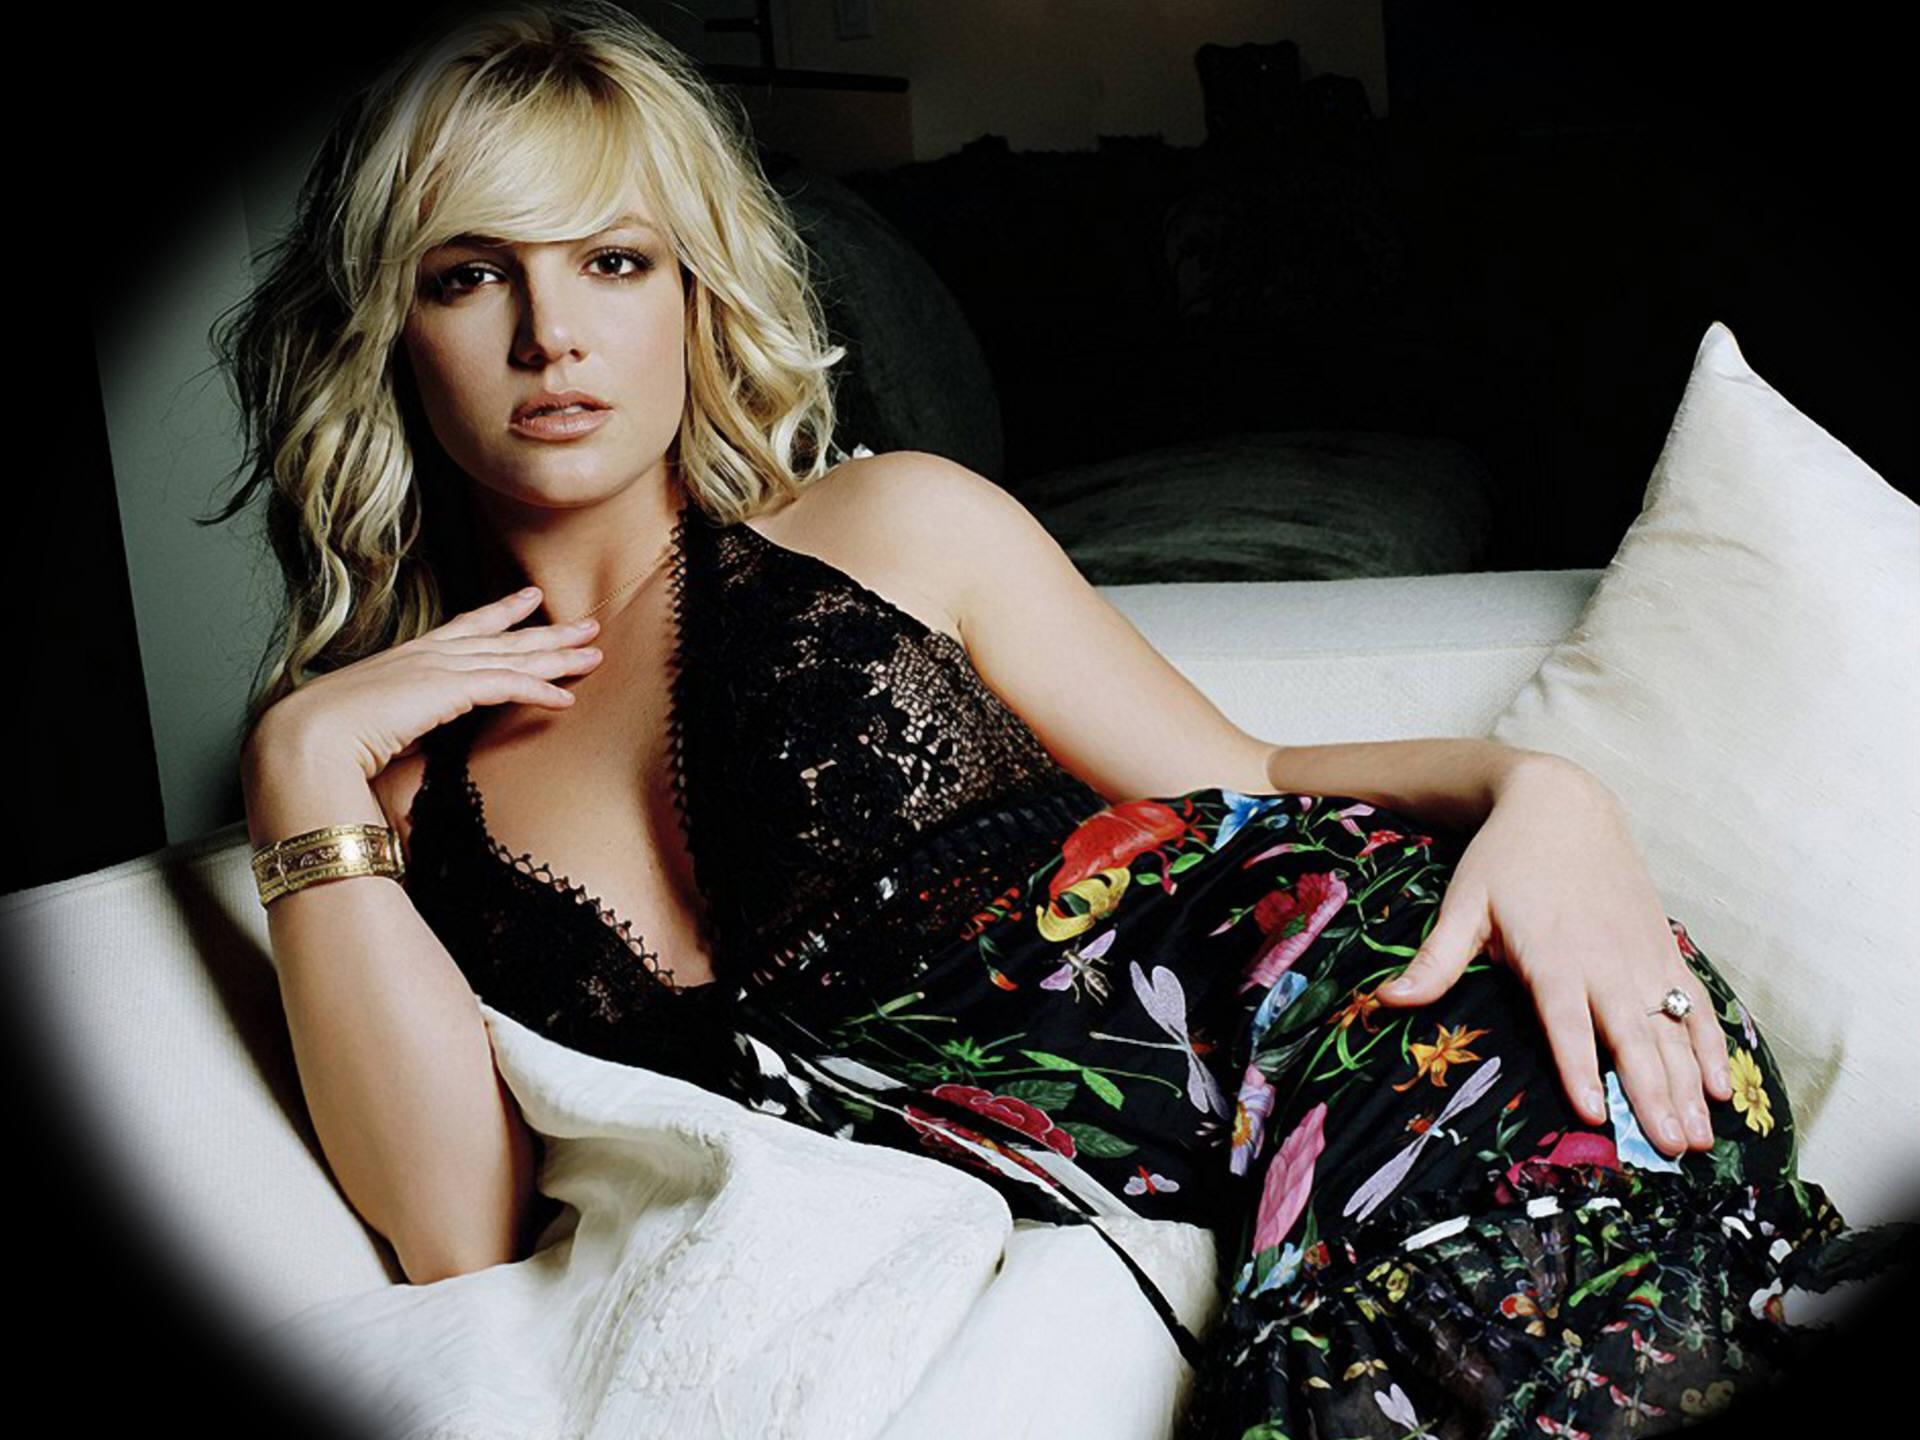 Картинка Бритни Спирс » Бритни Спирс » Знаменитости ... бритни спирс скачать